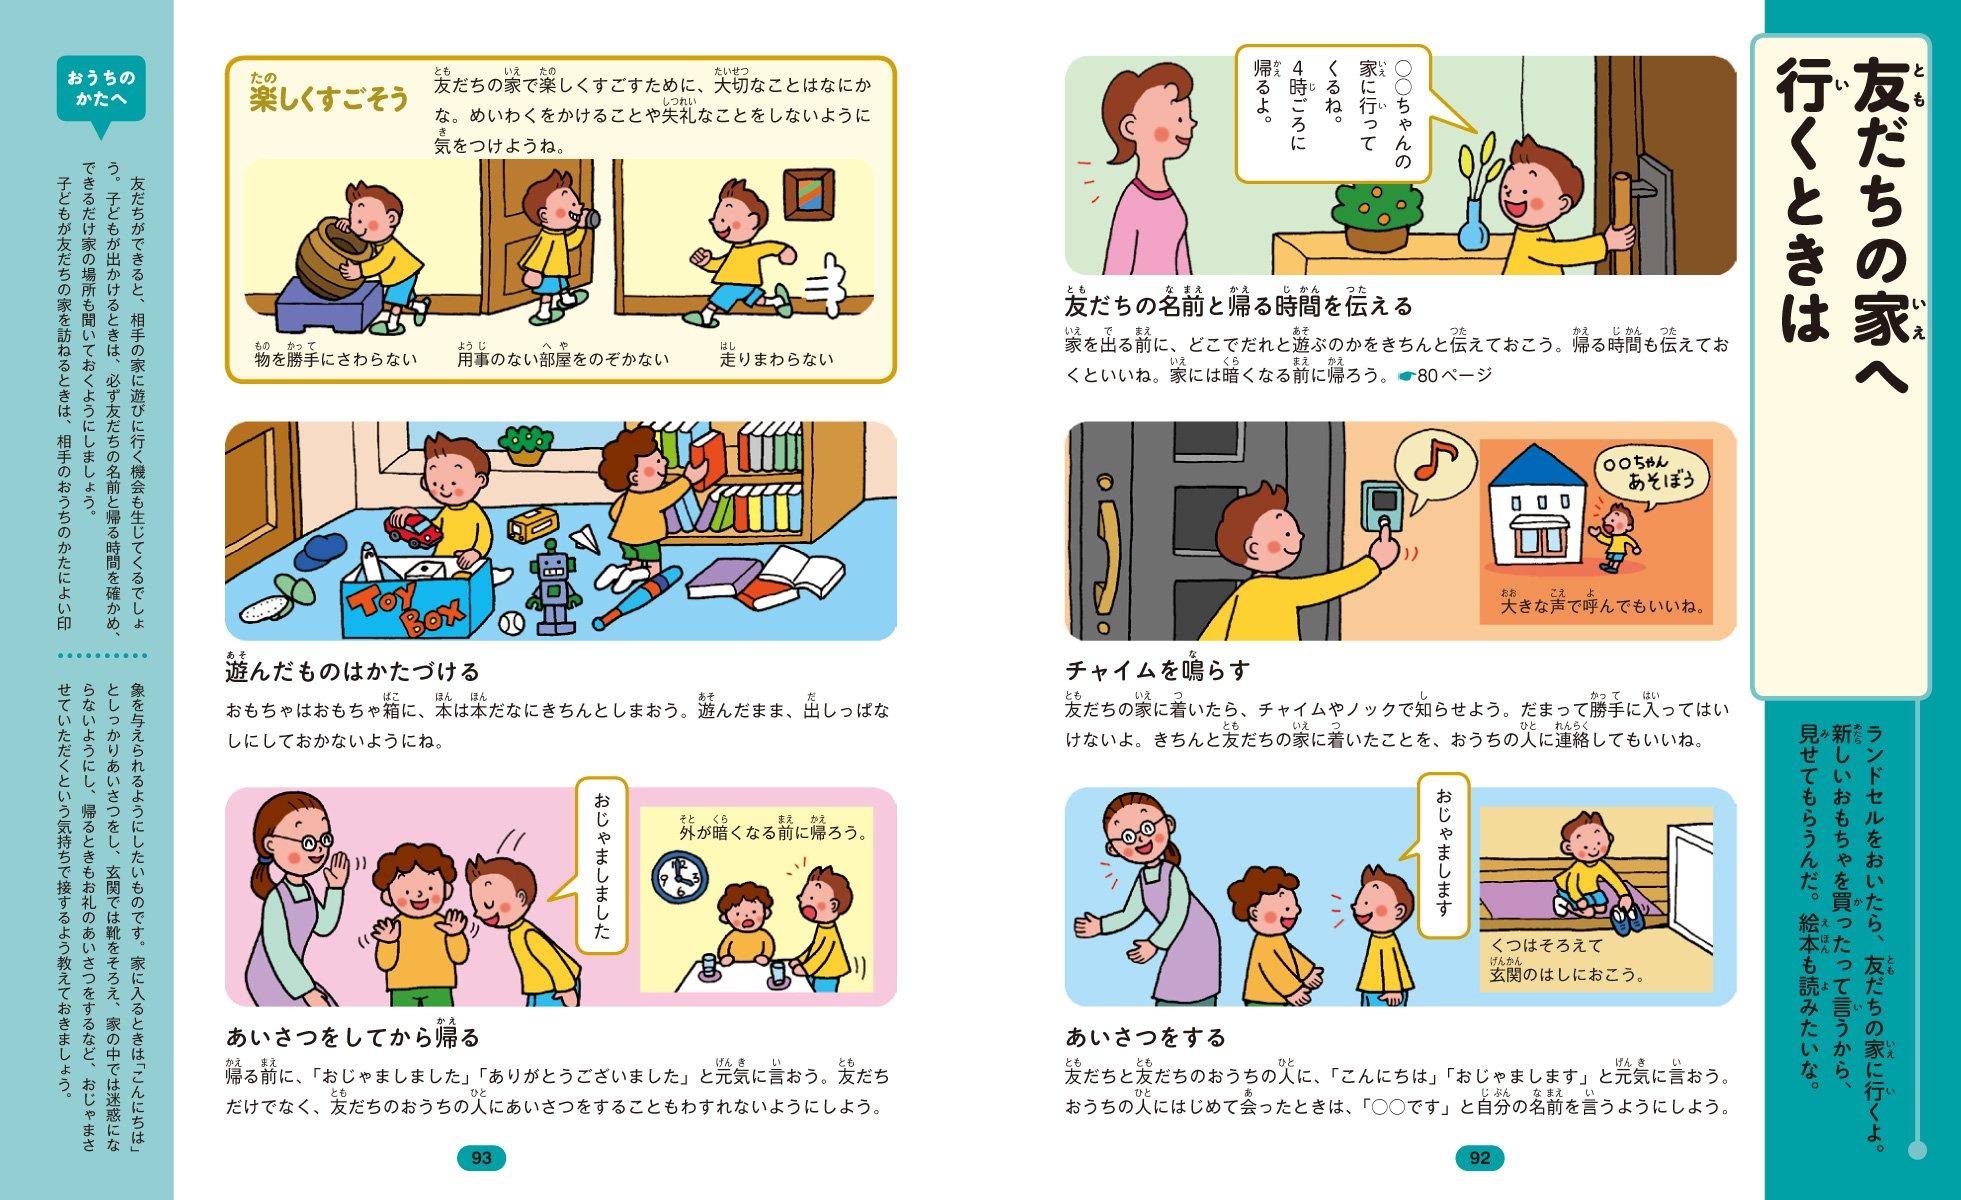 Kodomo Mana To Keigo Ejiten Mariko Sugahara Hiroshi Kabaya Sanseido Shoten Henshujo 9784385143095 Amazon Books